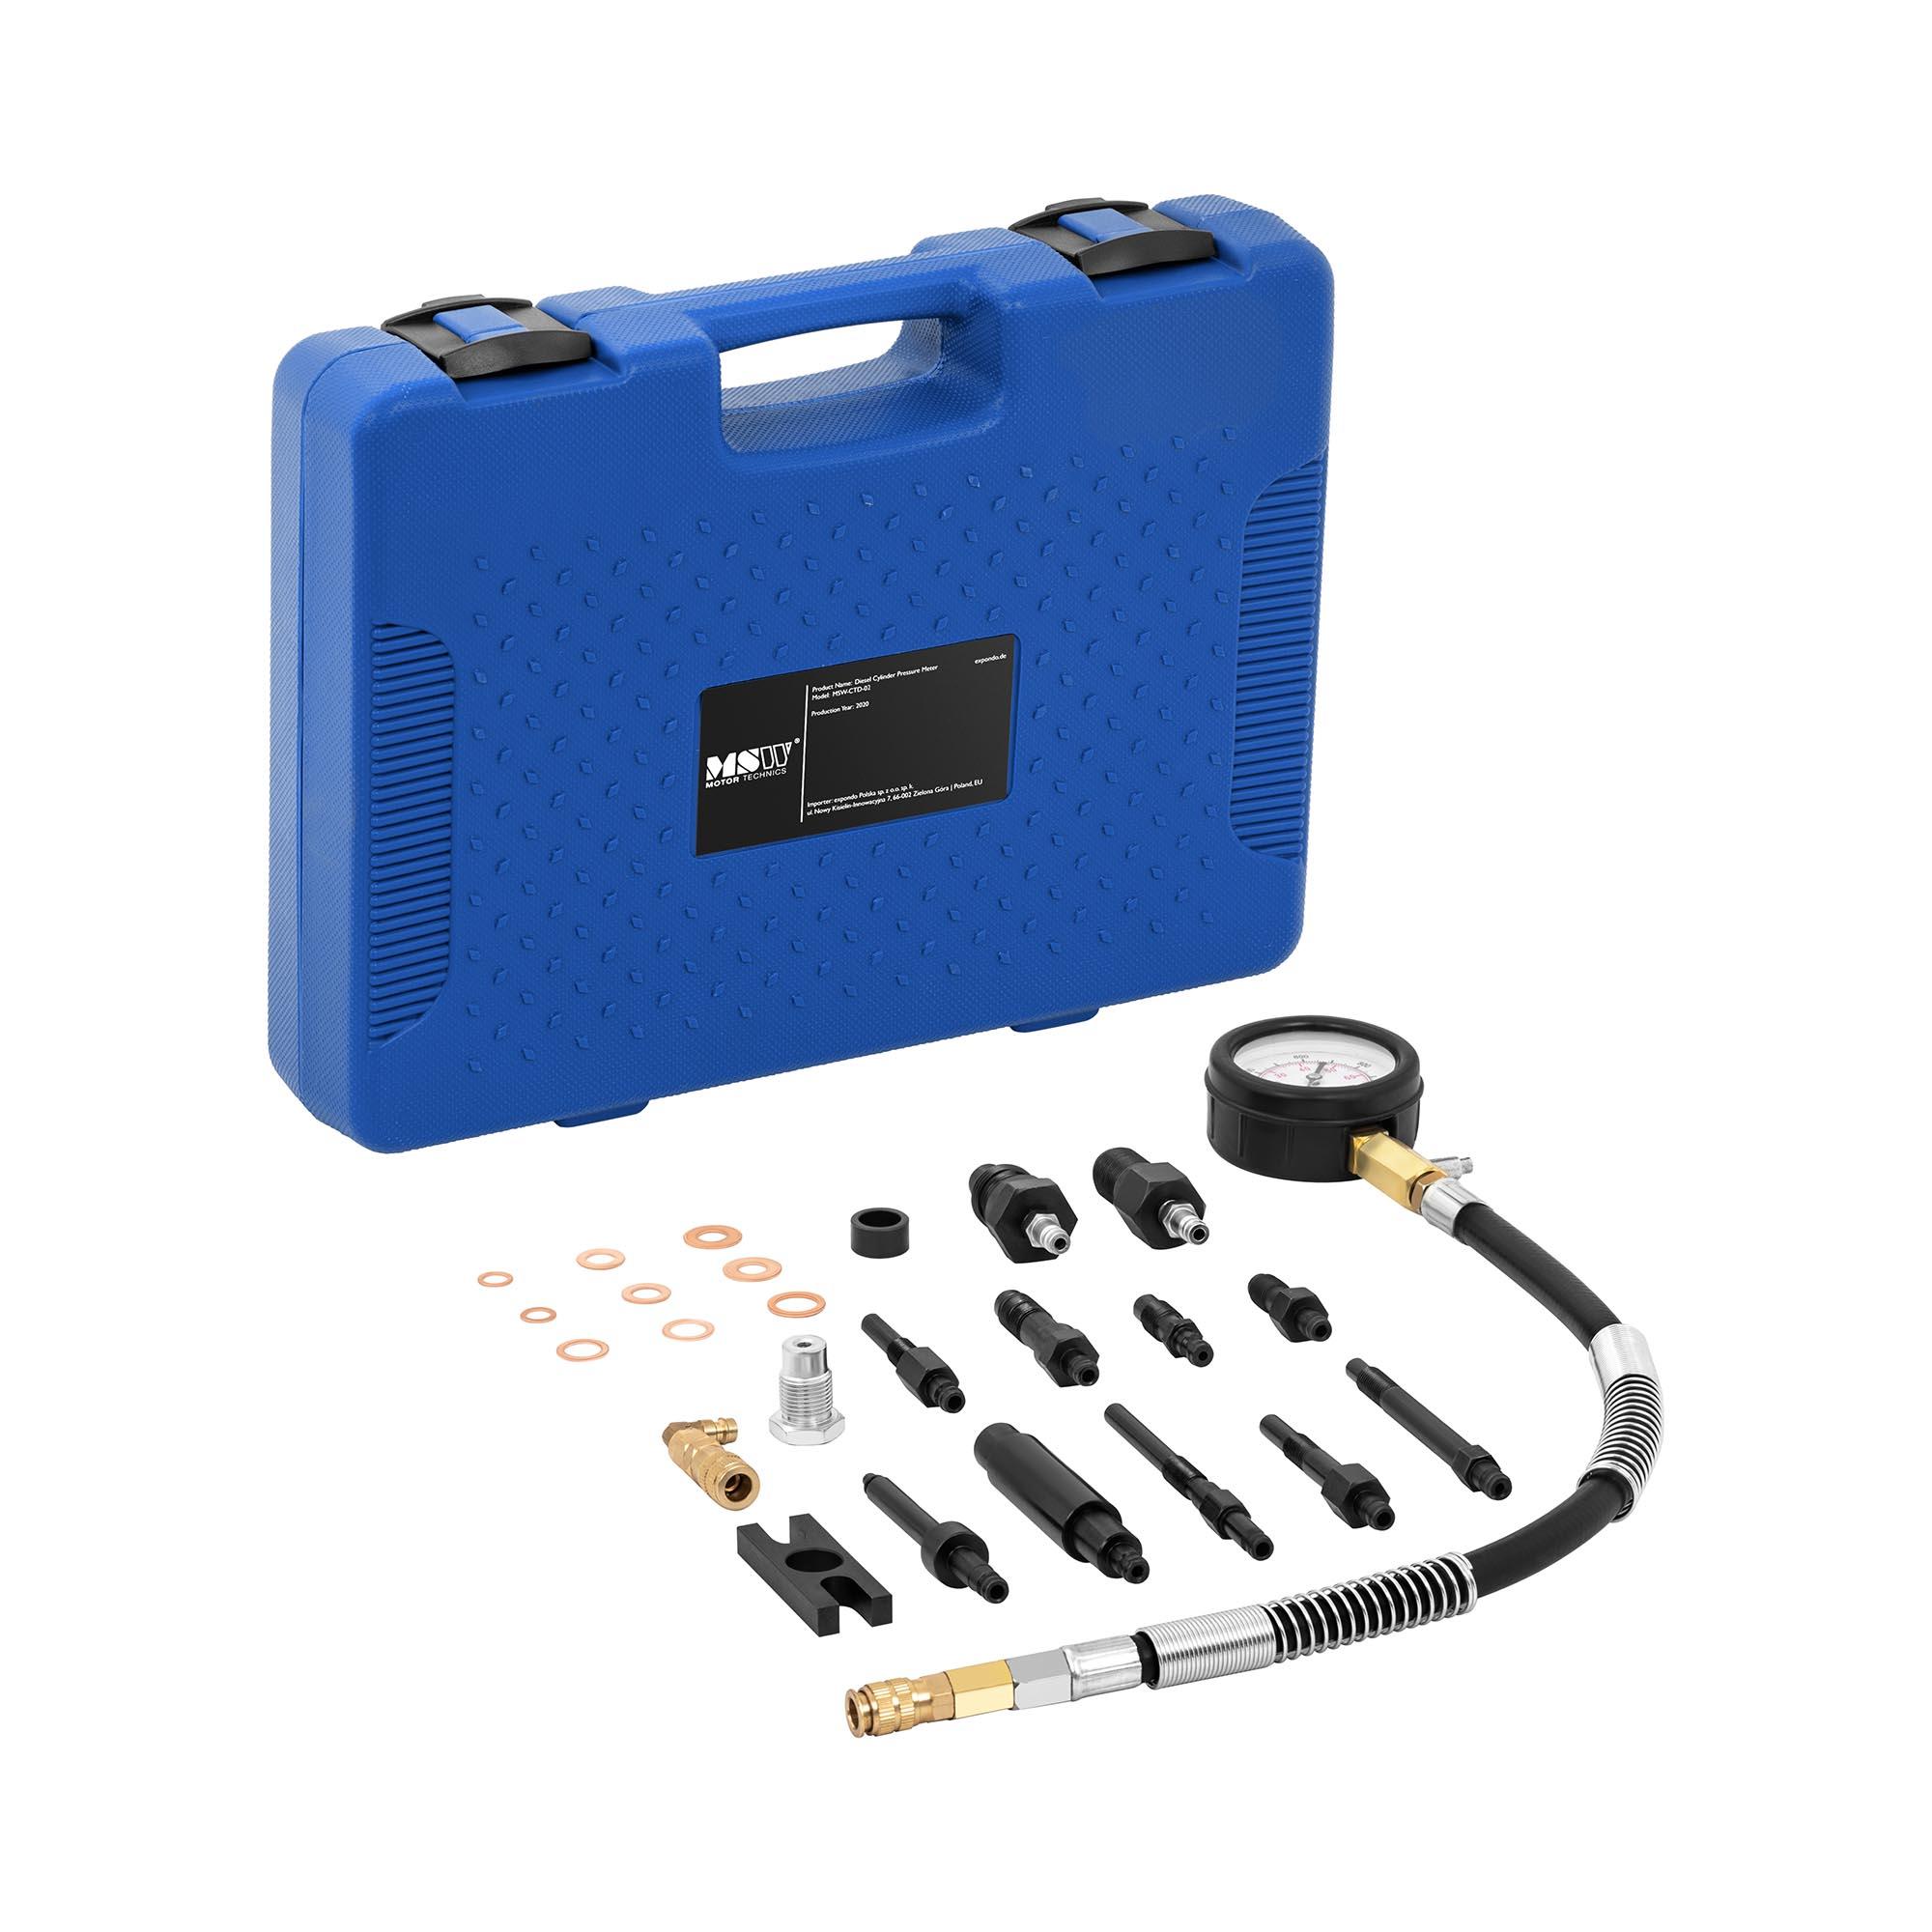 MSW Kompressionstester Diesel - 0-70 bar - 70 mm Manometer - 42 cm Schlauch MSW-CTD-02